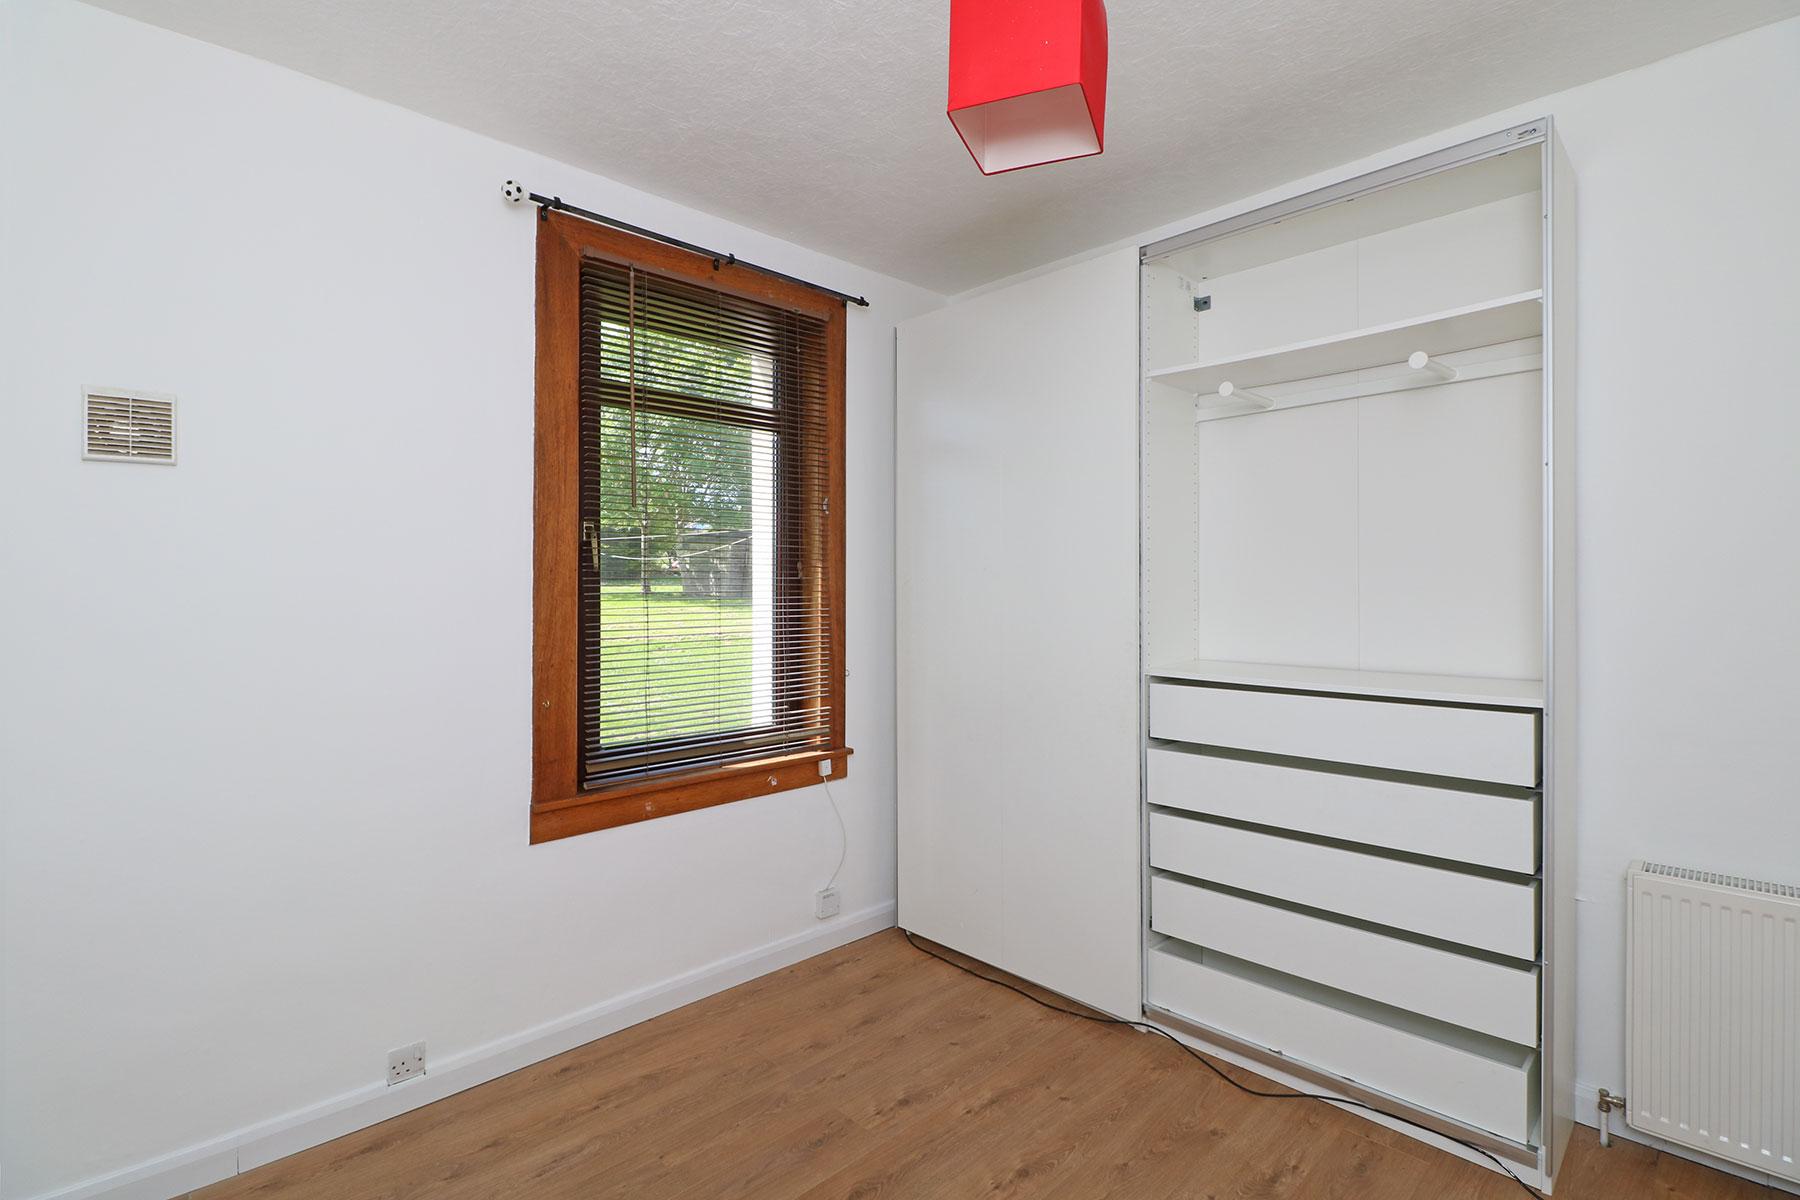 kerrsview-terrace-bedroom-2.jpg